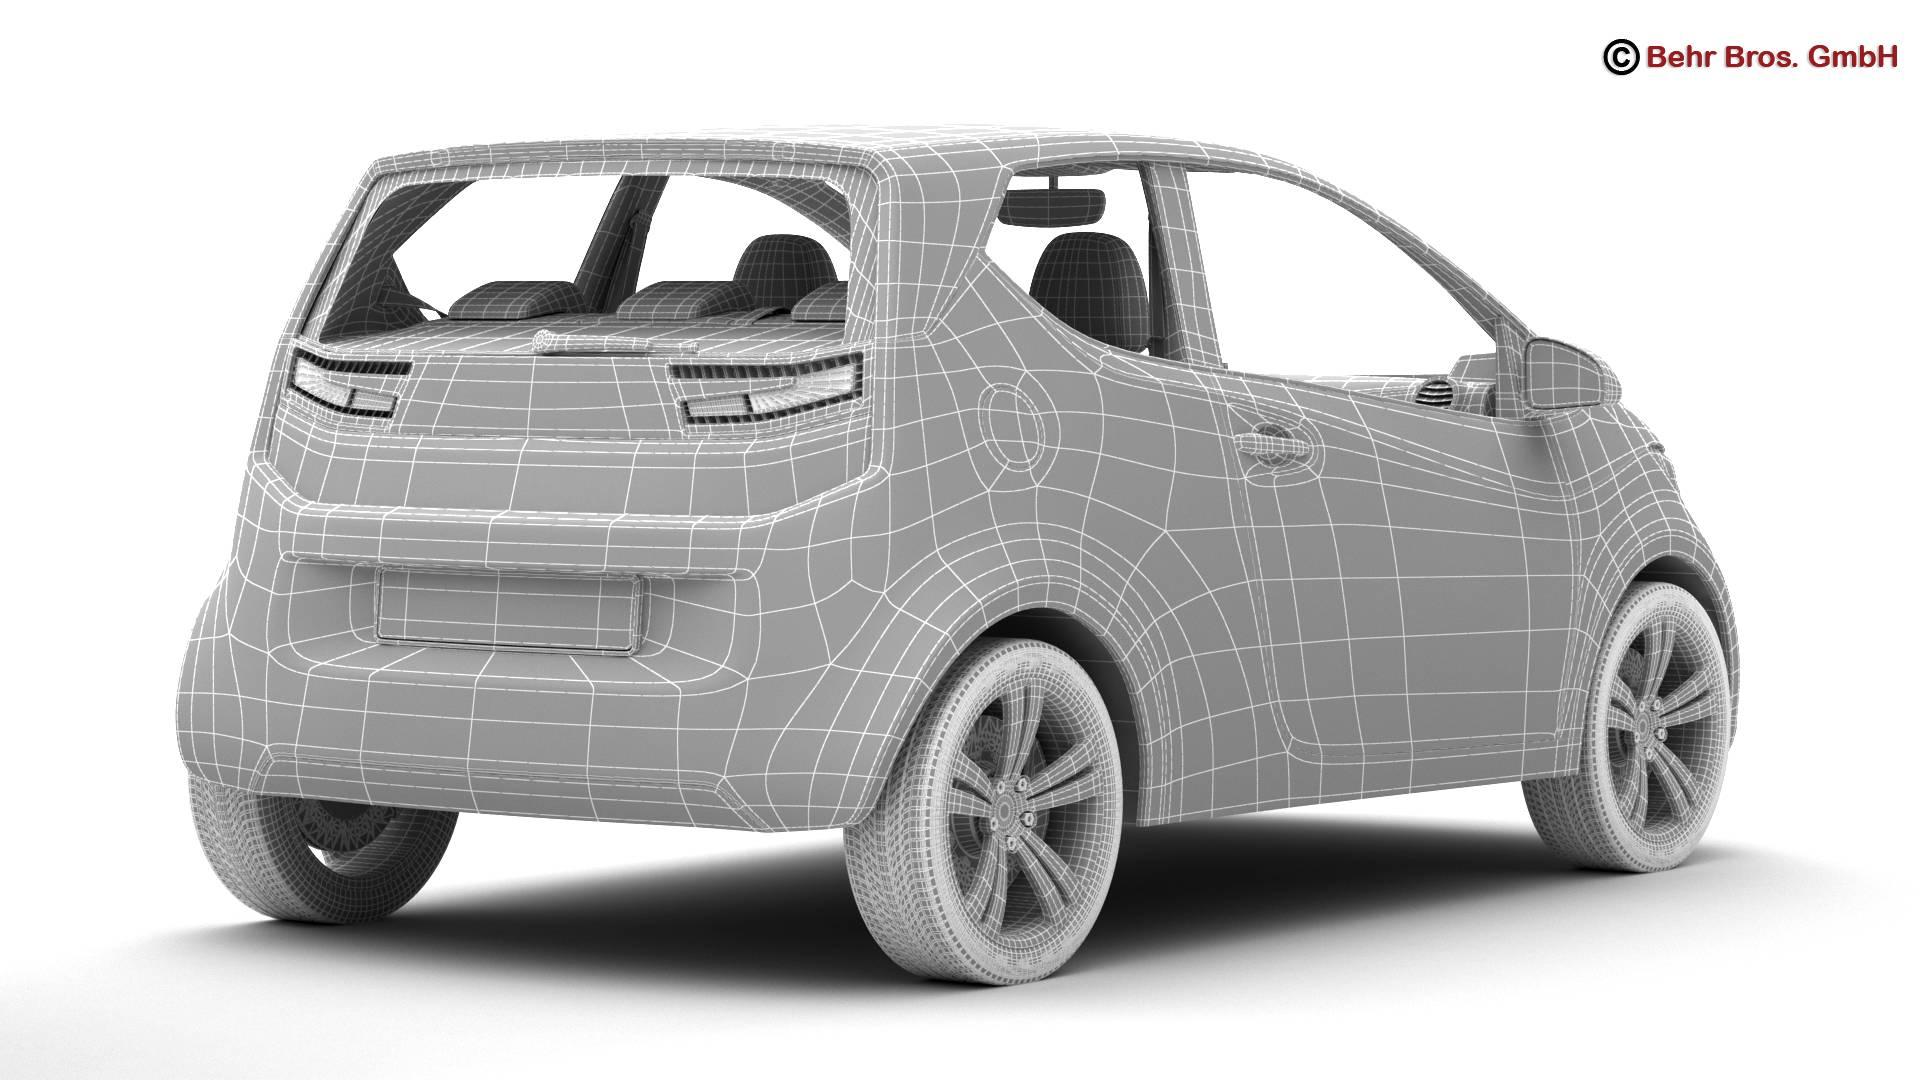 generic city car 3d model 3ds max fbx c4d lwo ma mb obj 209050